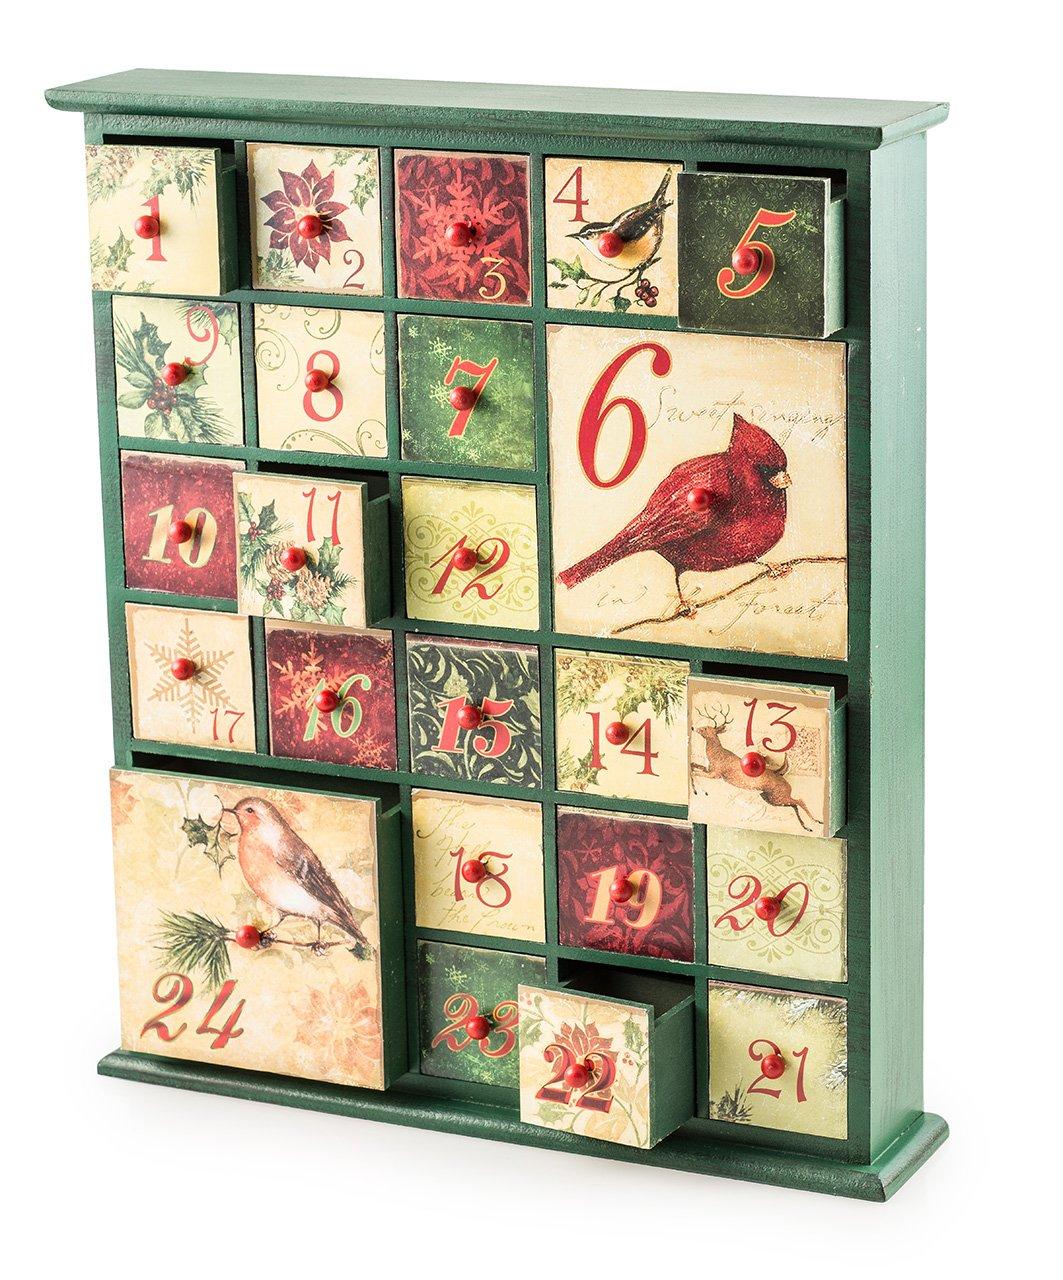 Pajoma 51566 Birds Calendrier de l'avent en Bois, Dimensions (L x l x H) : 36 x 7 x 42 cm